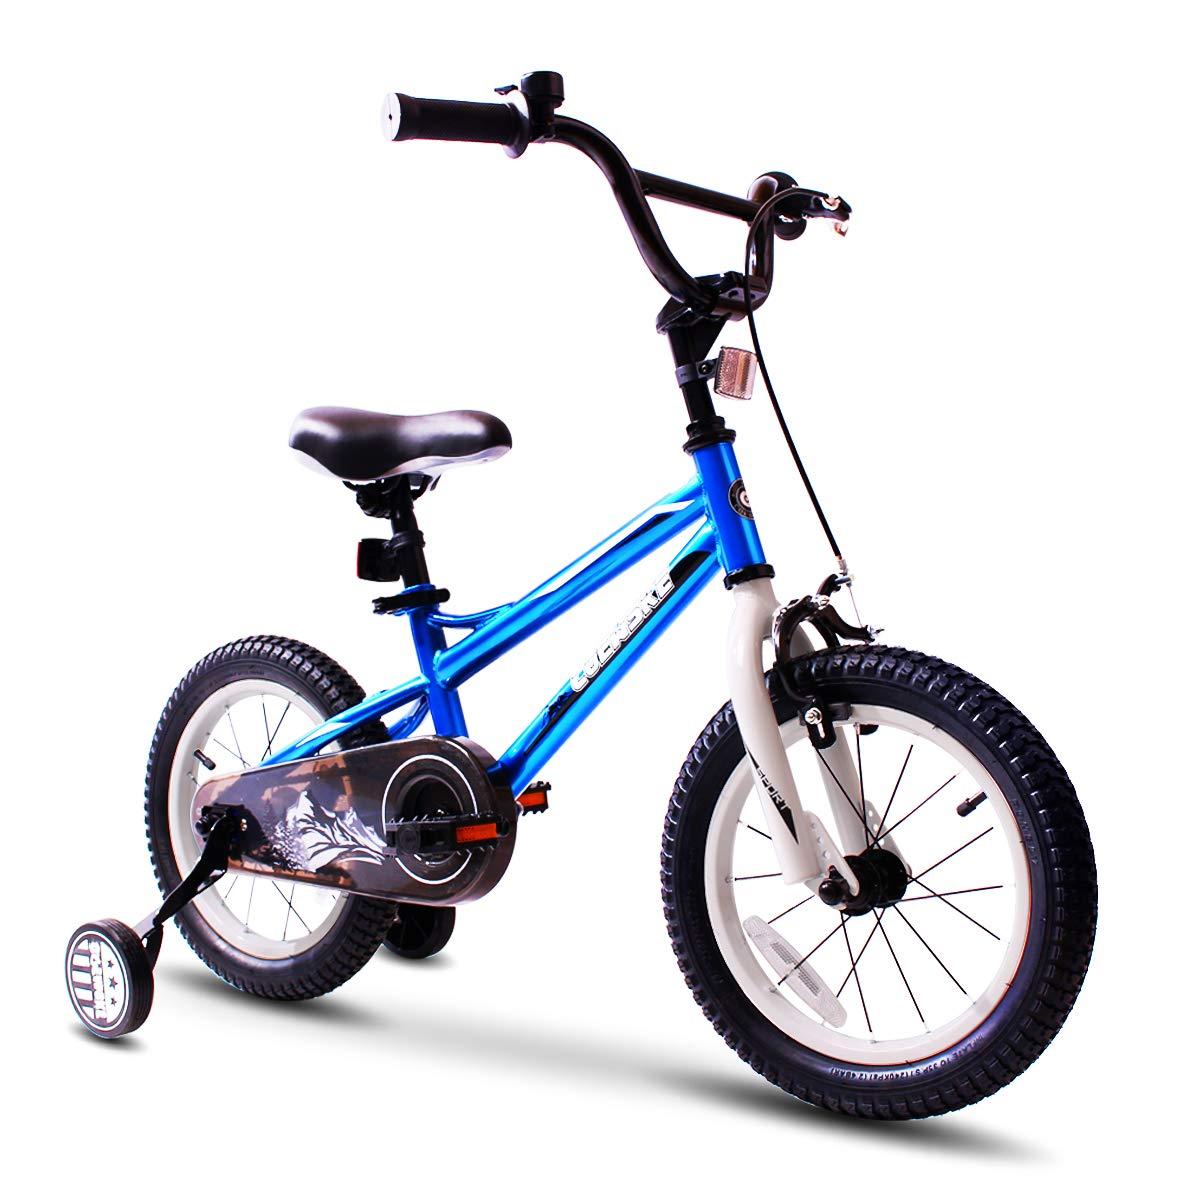 COEWSKE 12インチ 子供用自転車 トレーニングホイール付き 2~4歳 女の子と男の子用 4色展開  12 inch blue B07Q6XXFBL